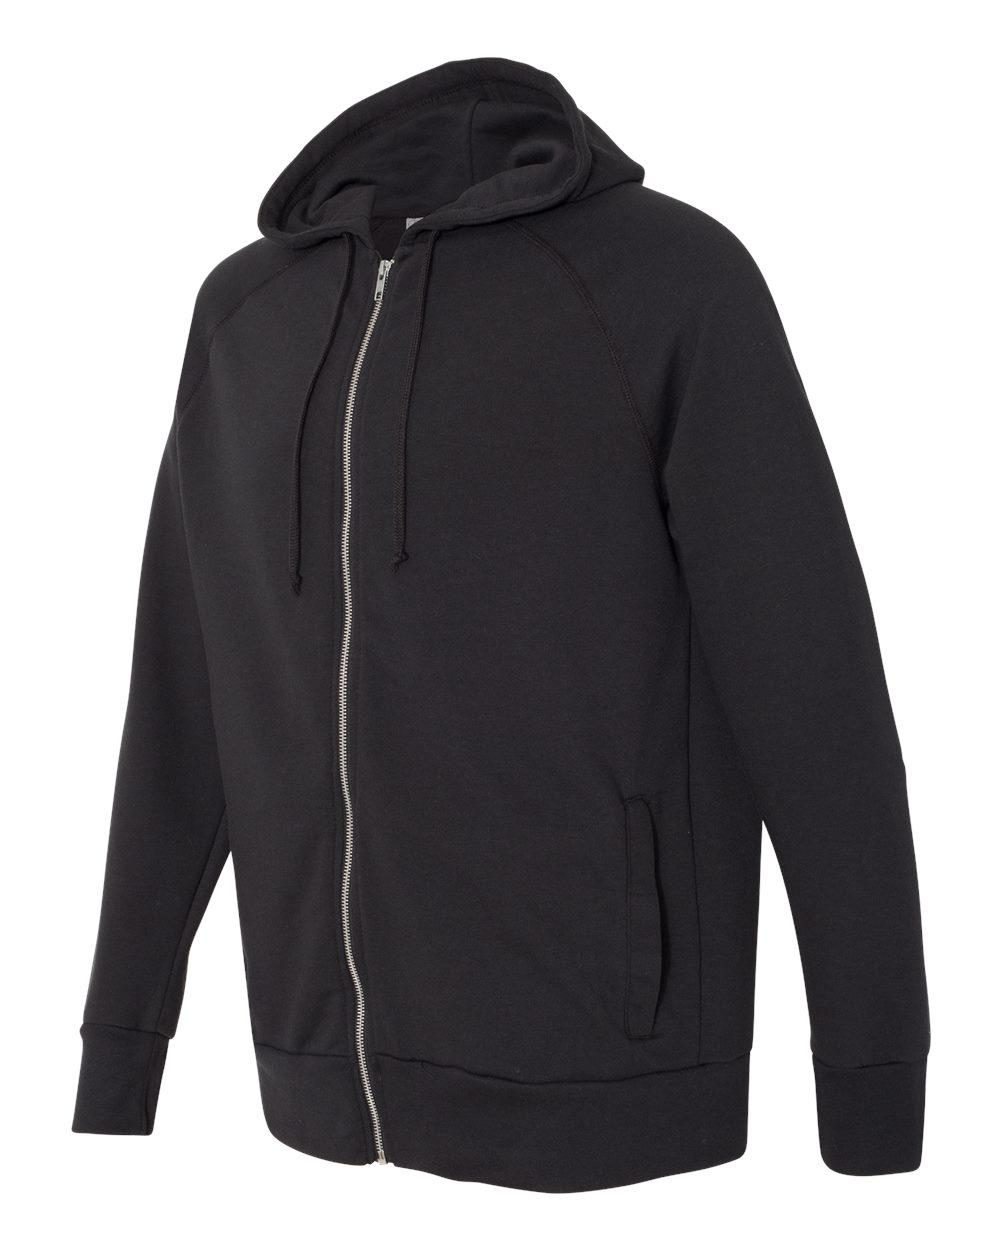 Alternative 5081 - Vintage Sport French Terry Hooded Full-Zip Raglan Sweatshirt